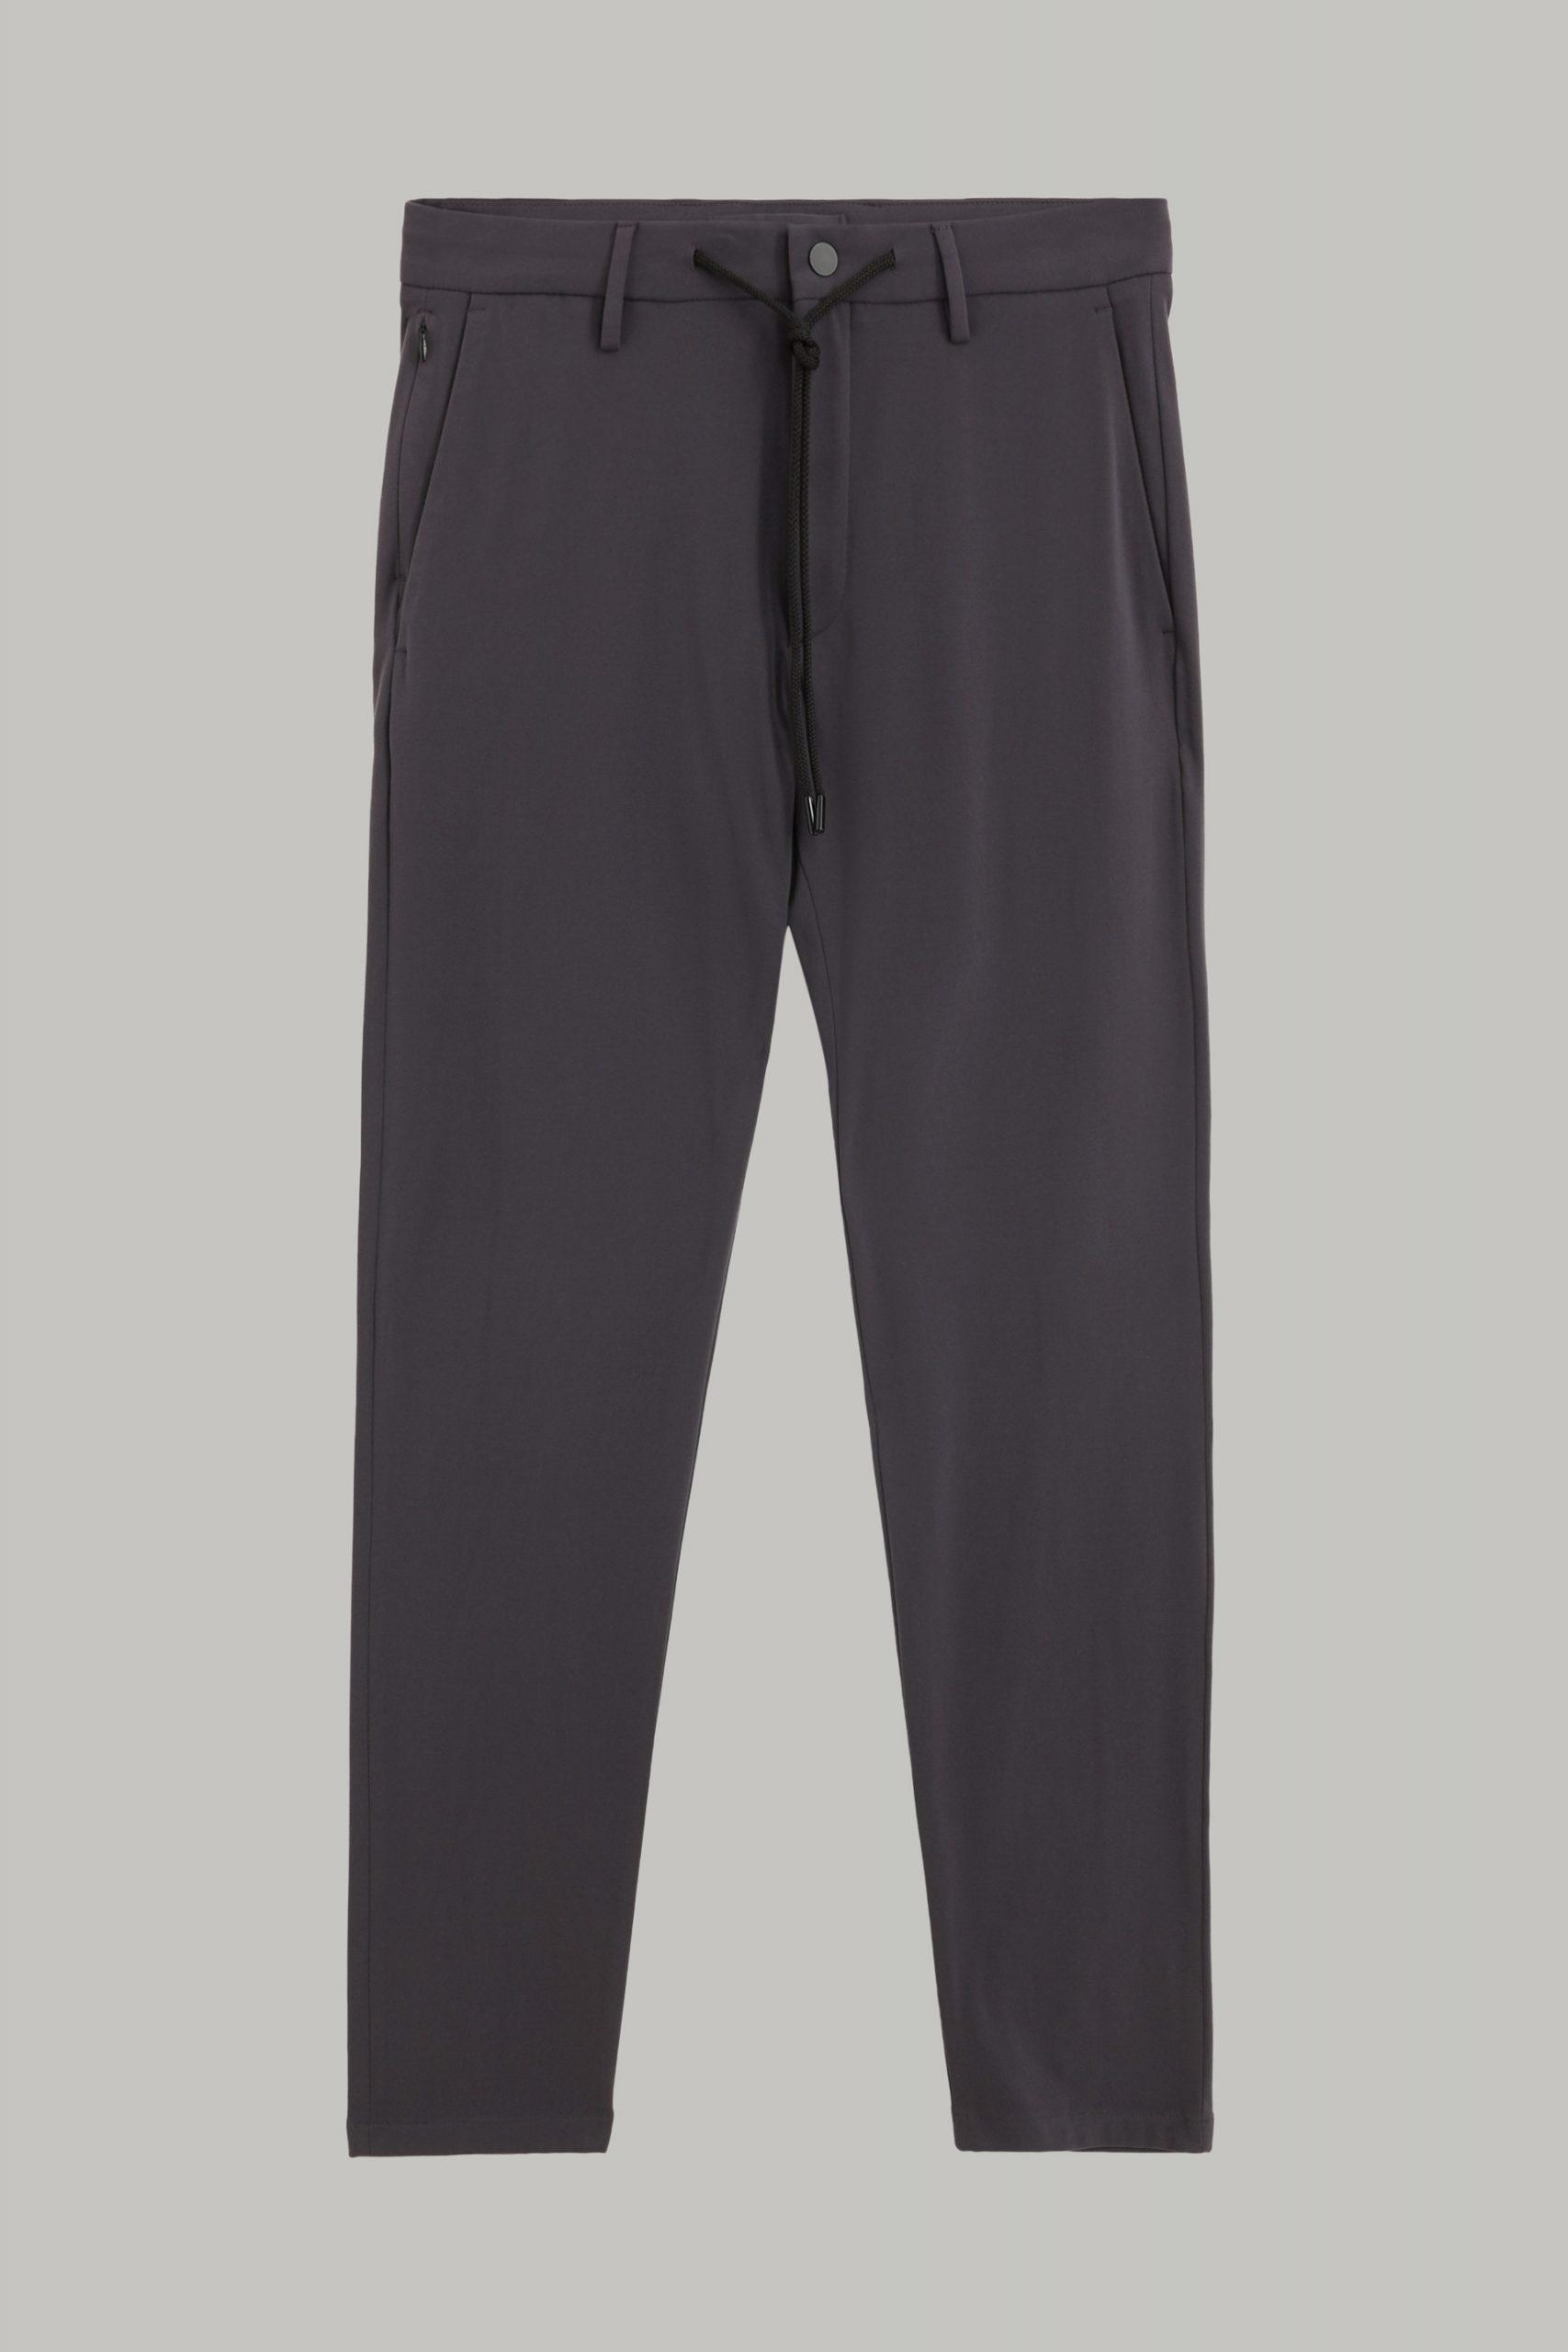 Pantaloni da uomo in colore Antracite in materiale